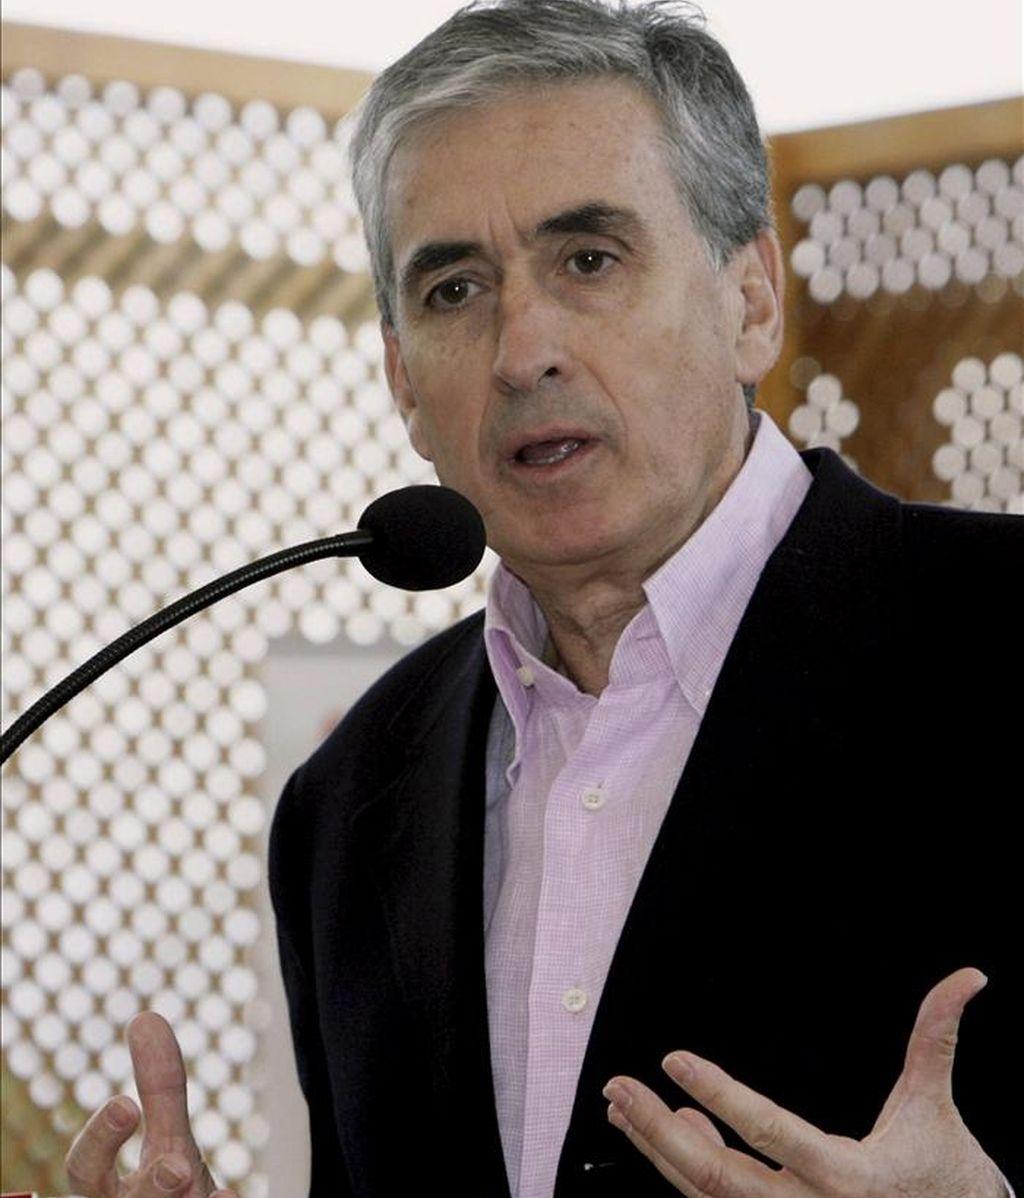 El ministro de la Presidencia, Ramón Jáuregui, durante su intervención hoy en la presentación de la candidatura socialista a la alcaldía de Alcantarilla (Murcia). EFE